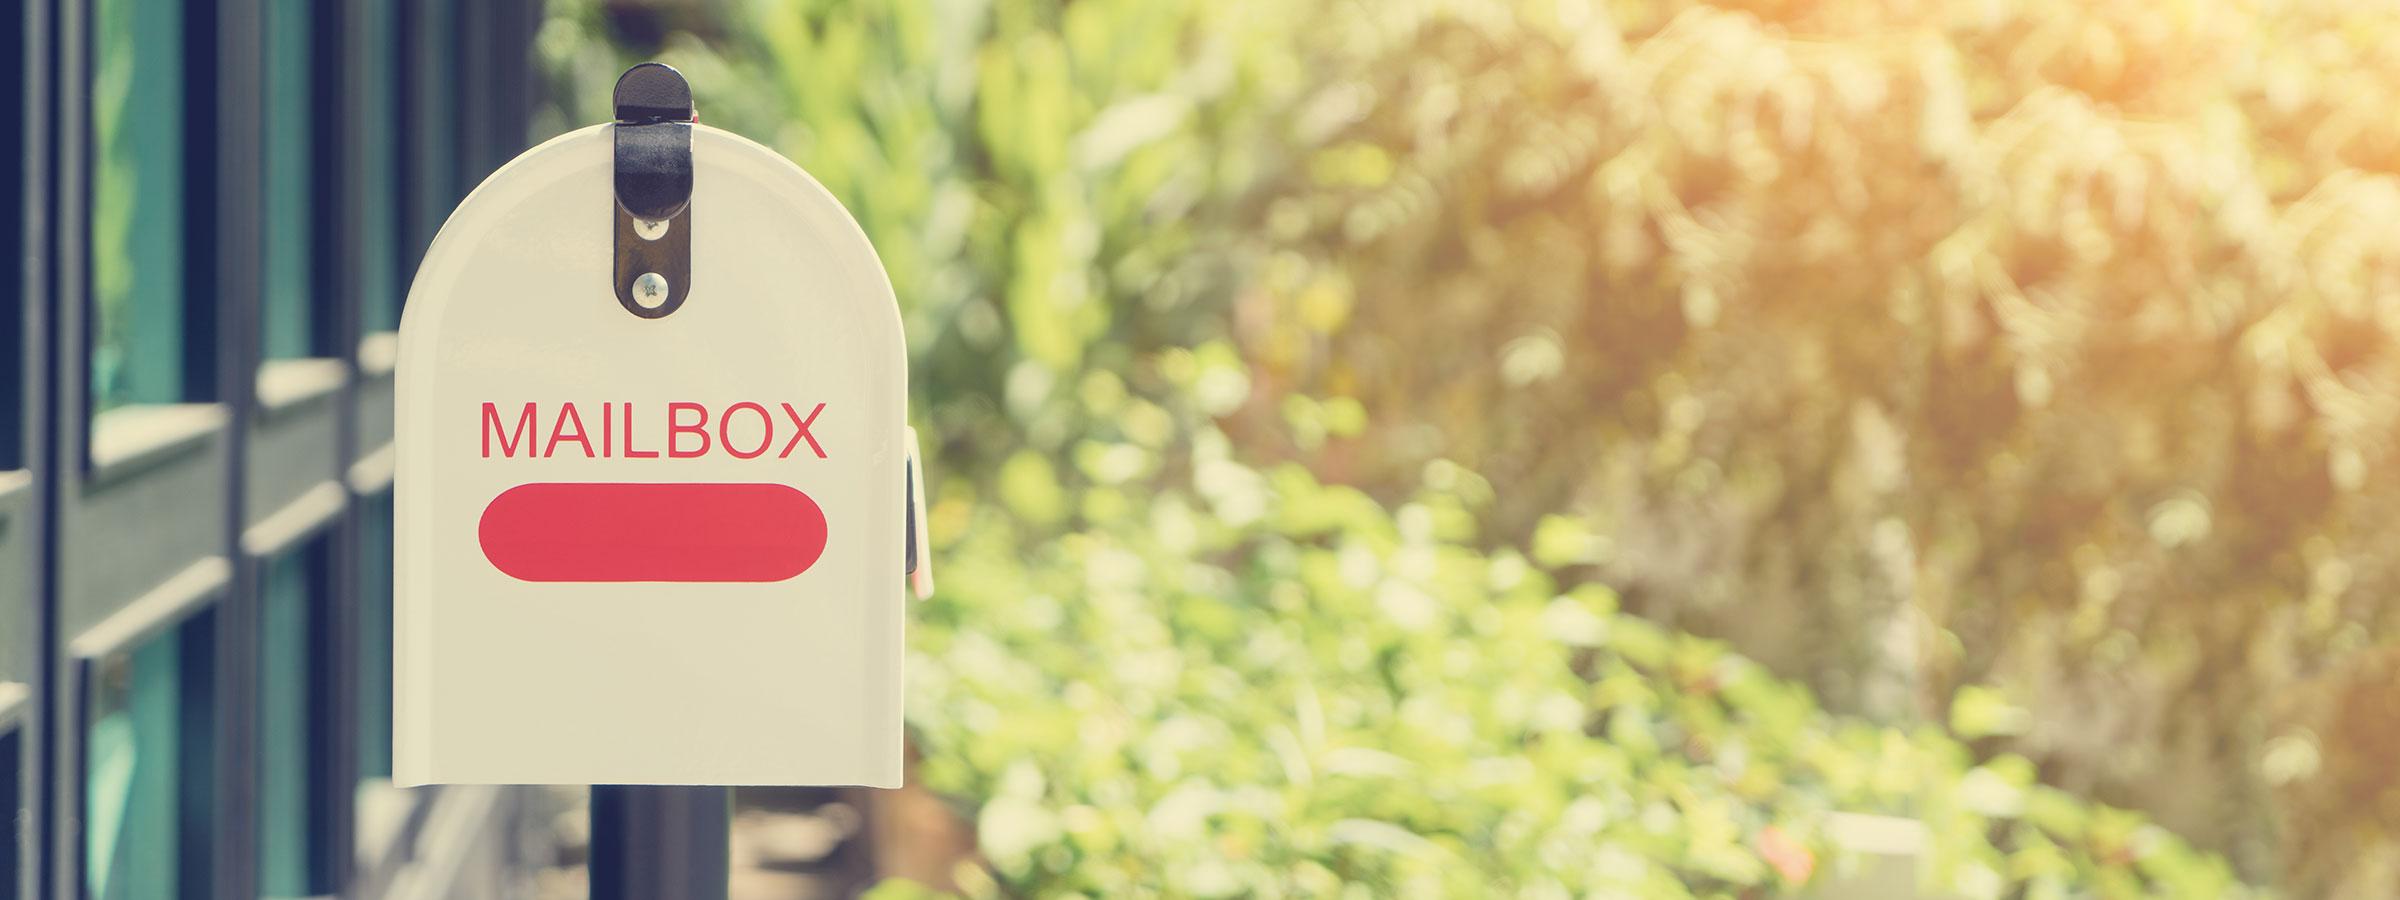 mailbox-banner.jpg